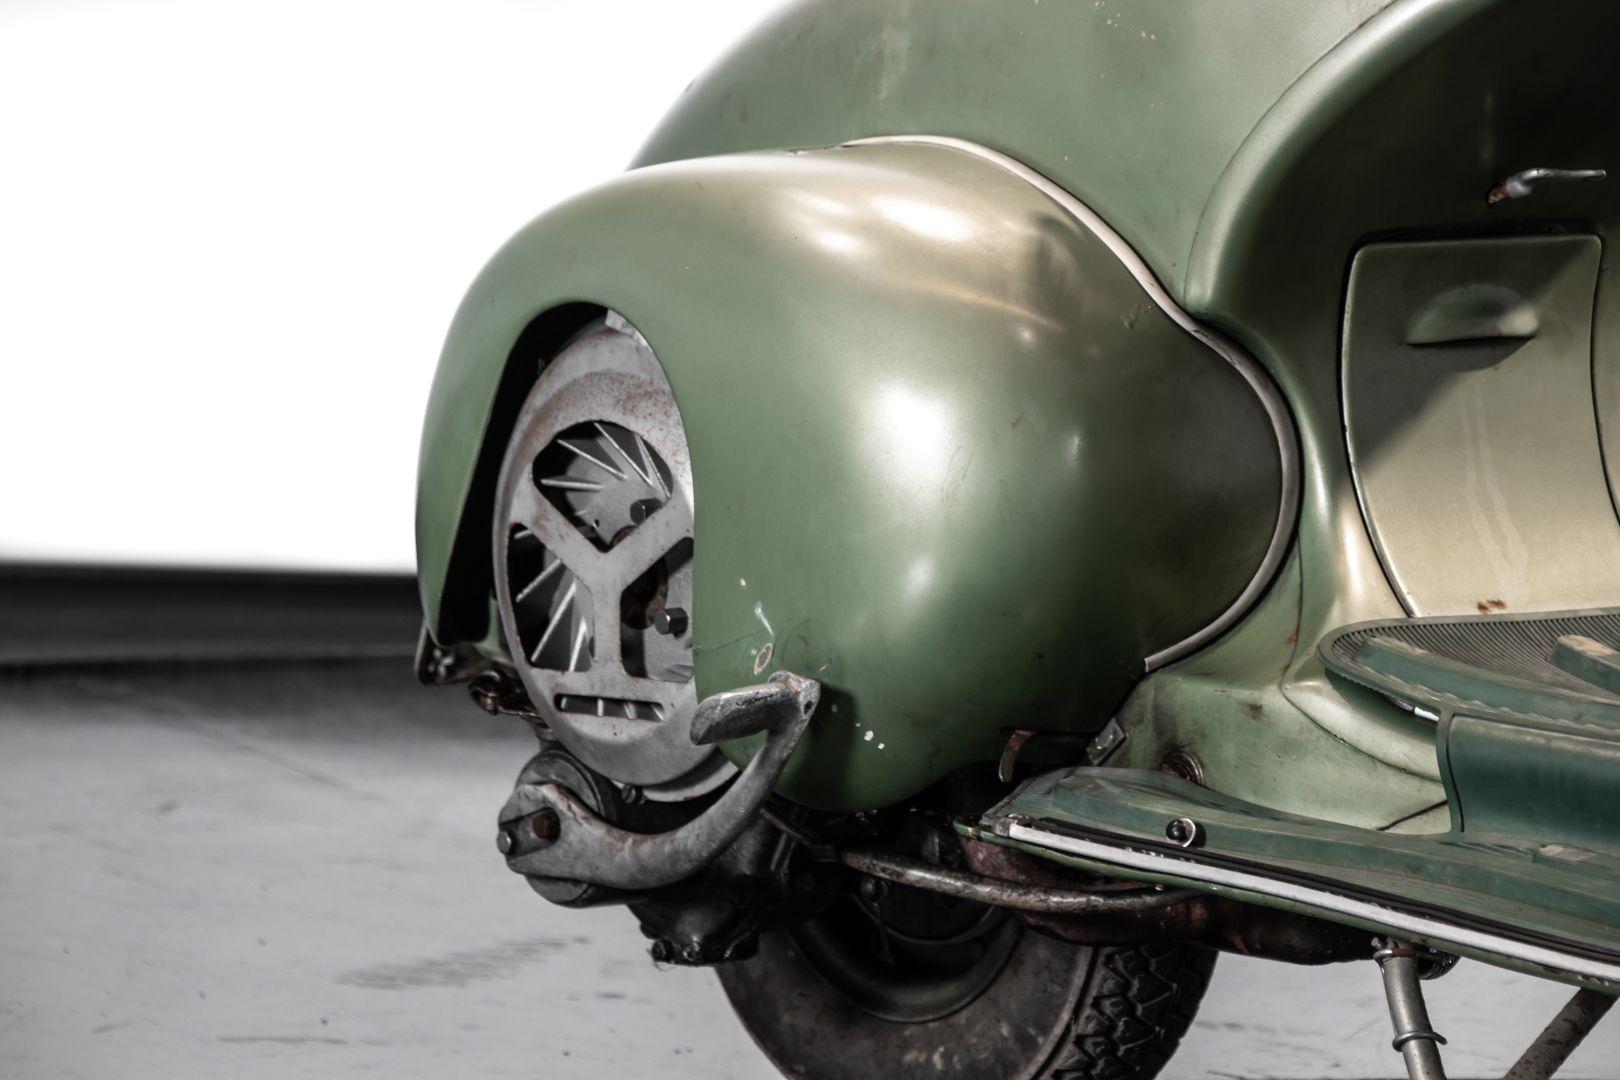 1951 Piaggio Vespa 125 51 V31 80375